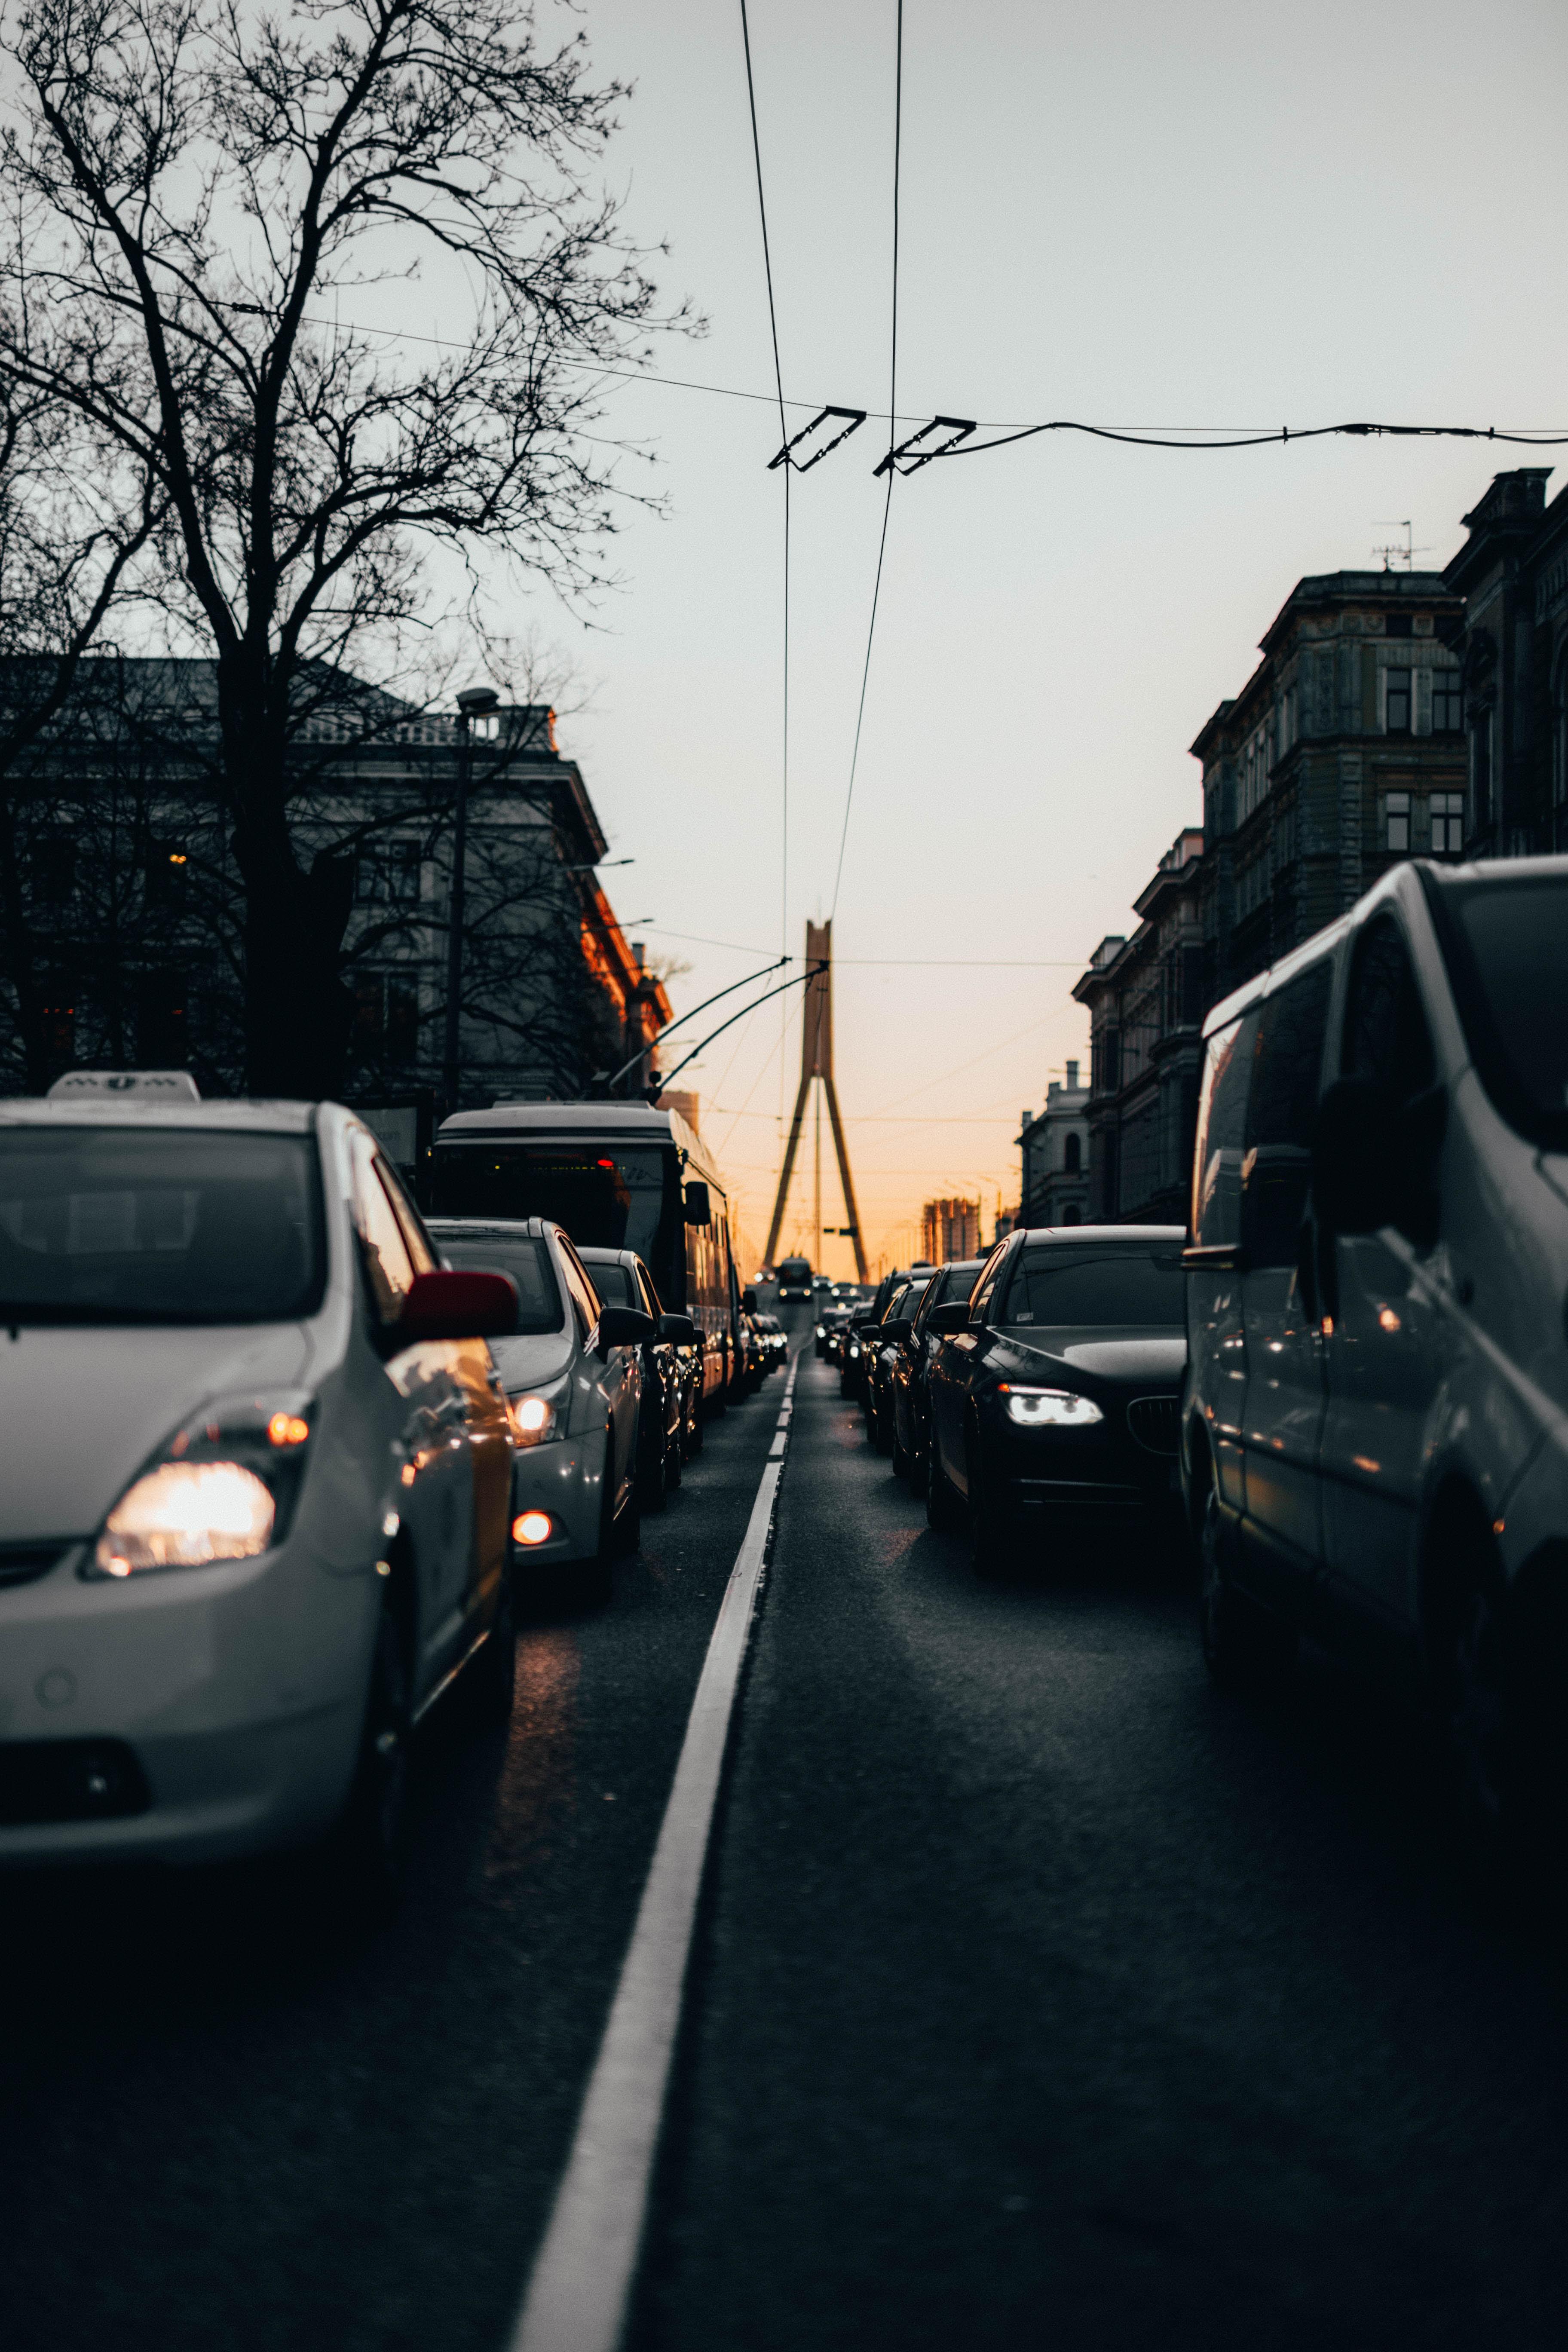 136469 скачать обои Дорога, Транспорт, Пробка, Движение, Час Пик, Города - заставки и картинки бесплатно